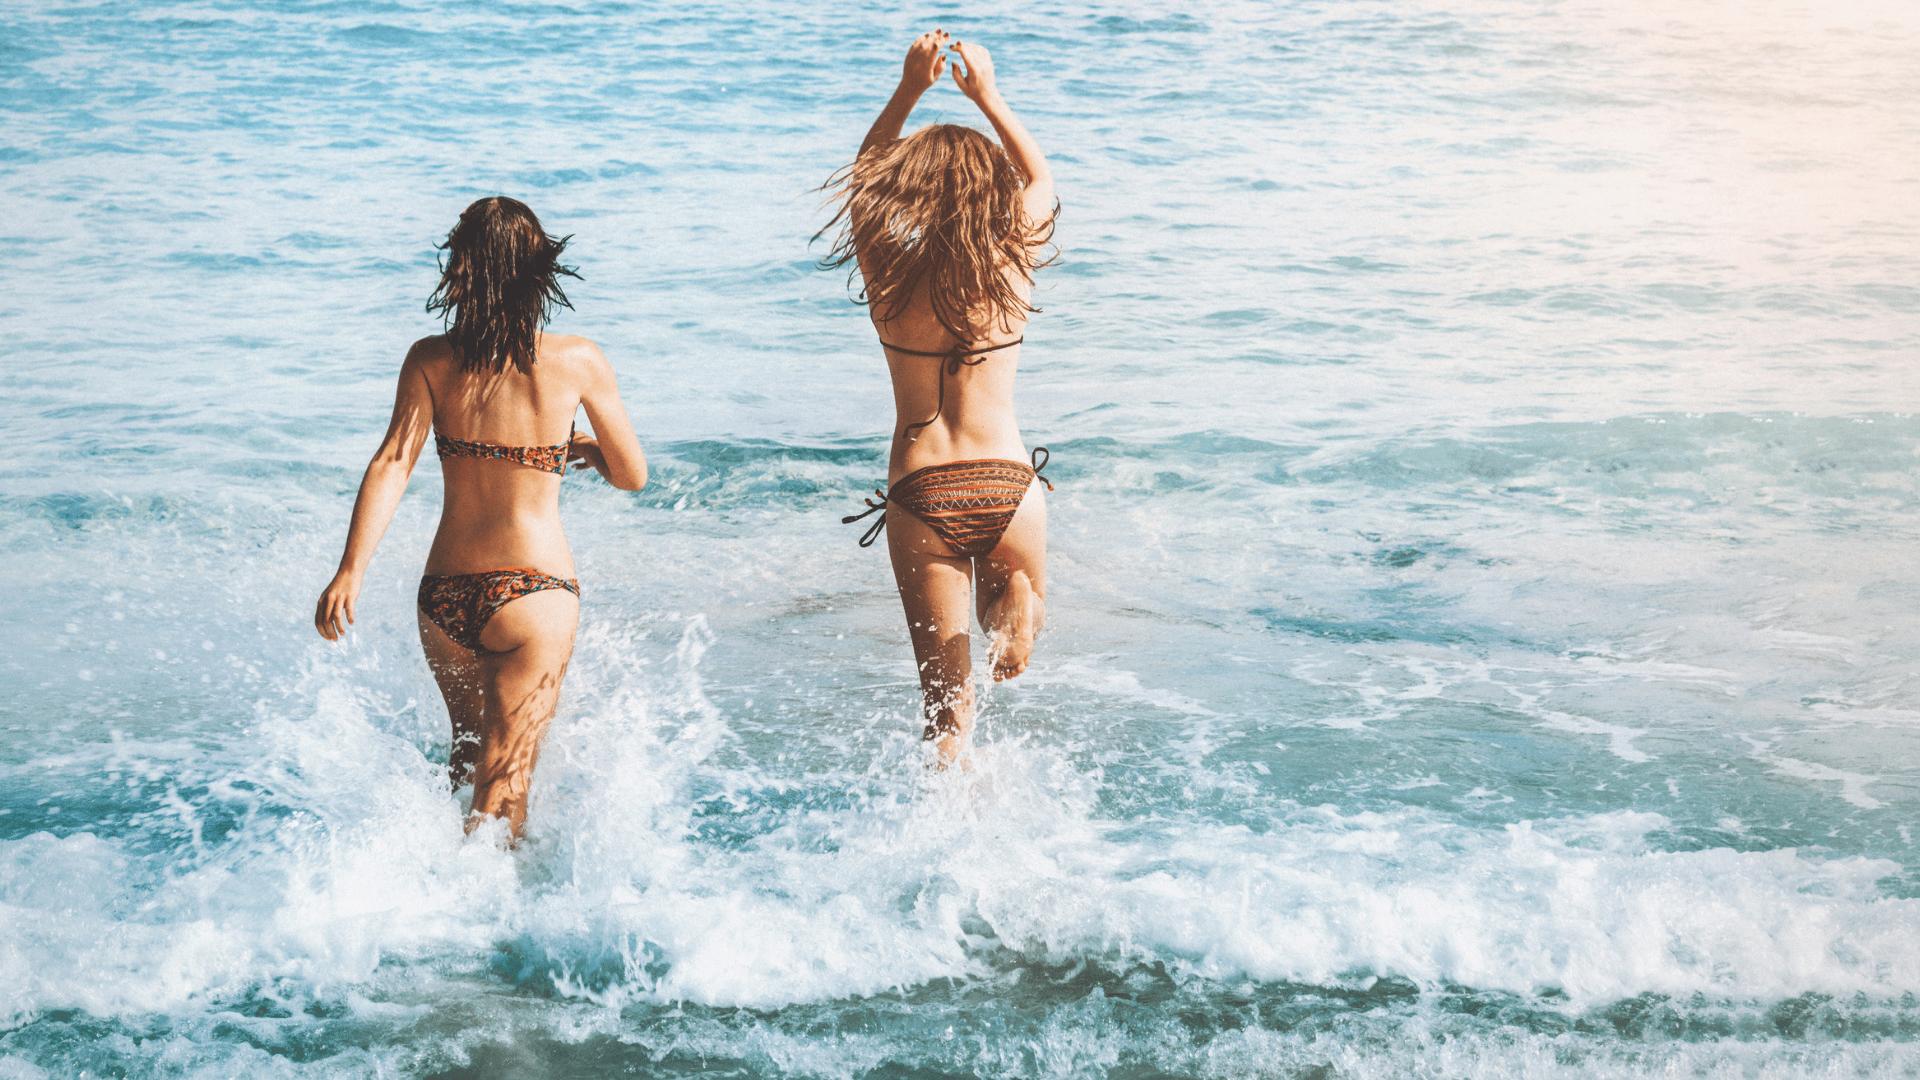 marcas swimwear portuguesas e sustentáveis